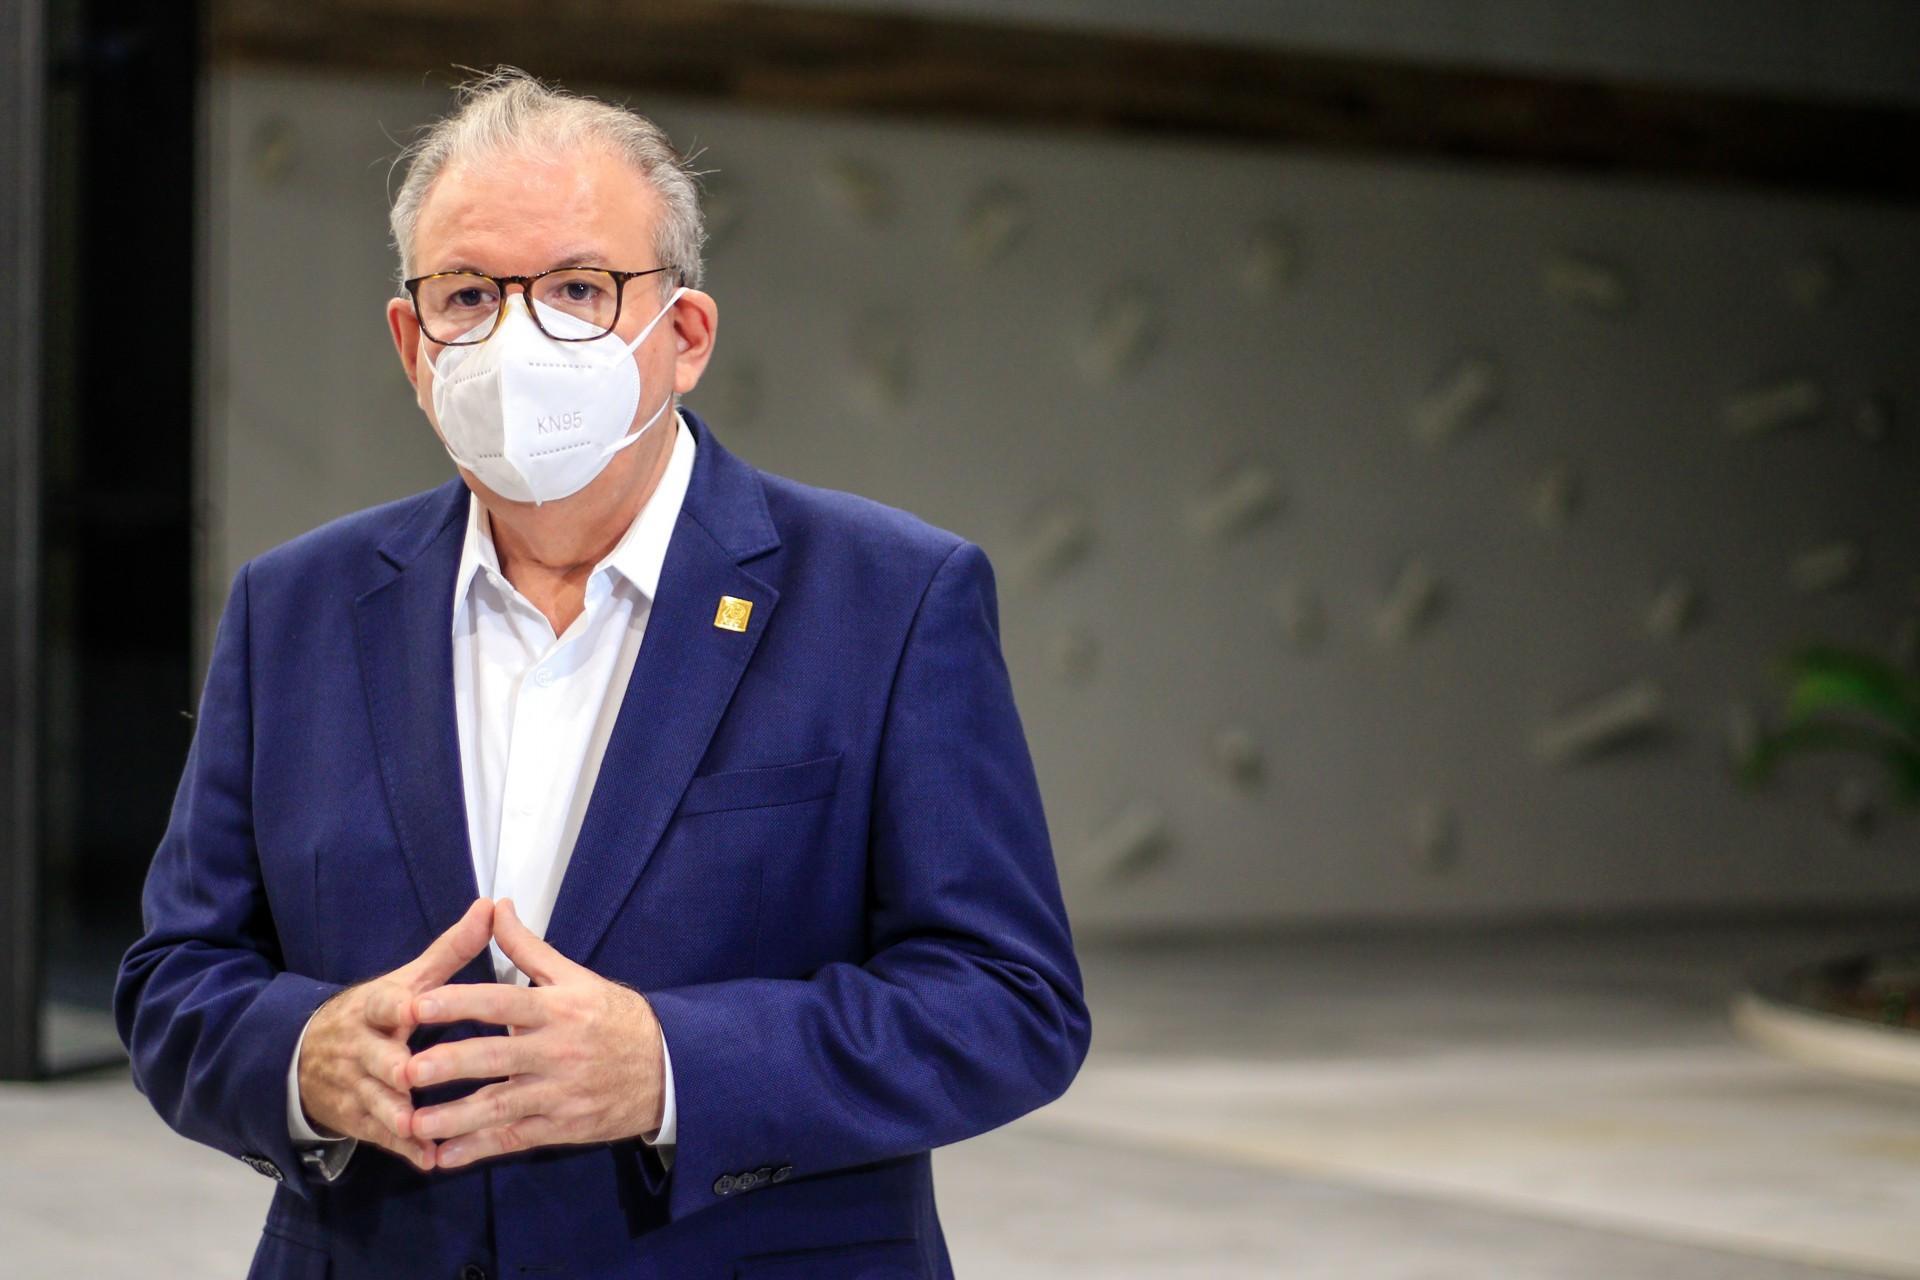 Ricardo Cavalcante é presidente da Fiec (BARBARA MOIRA/ O POVO)